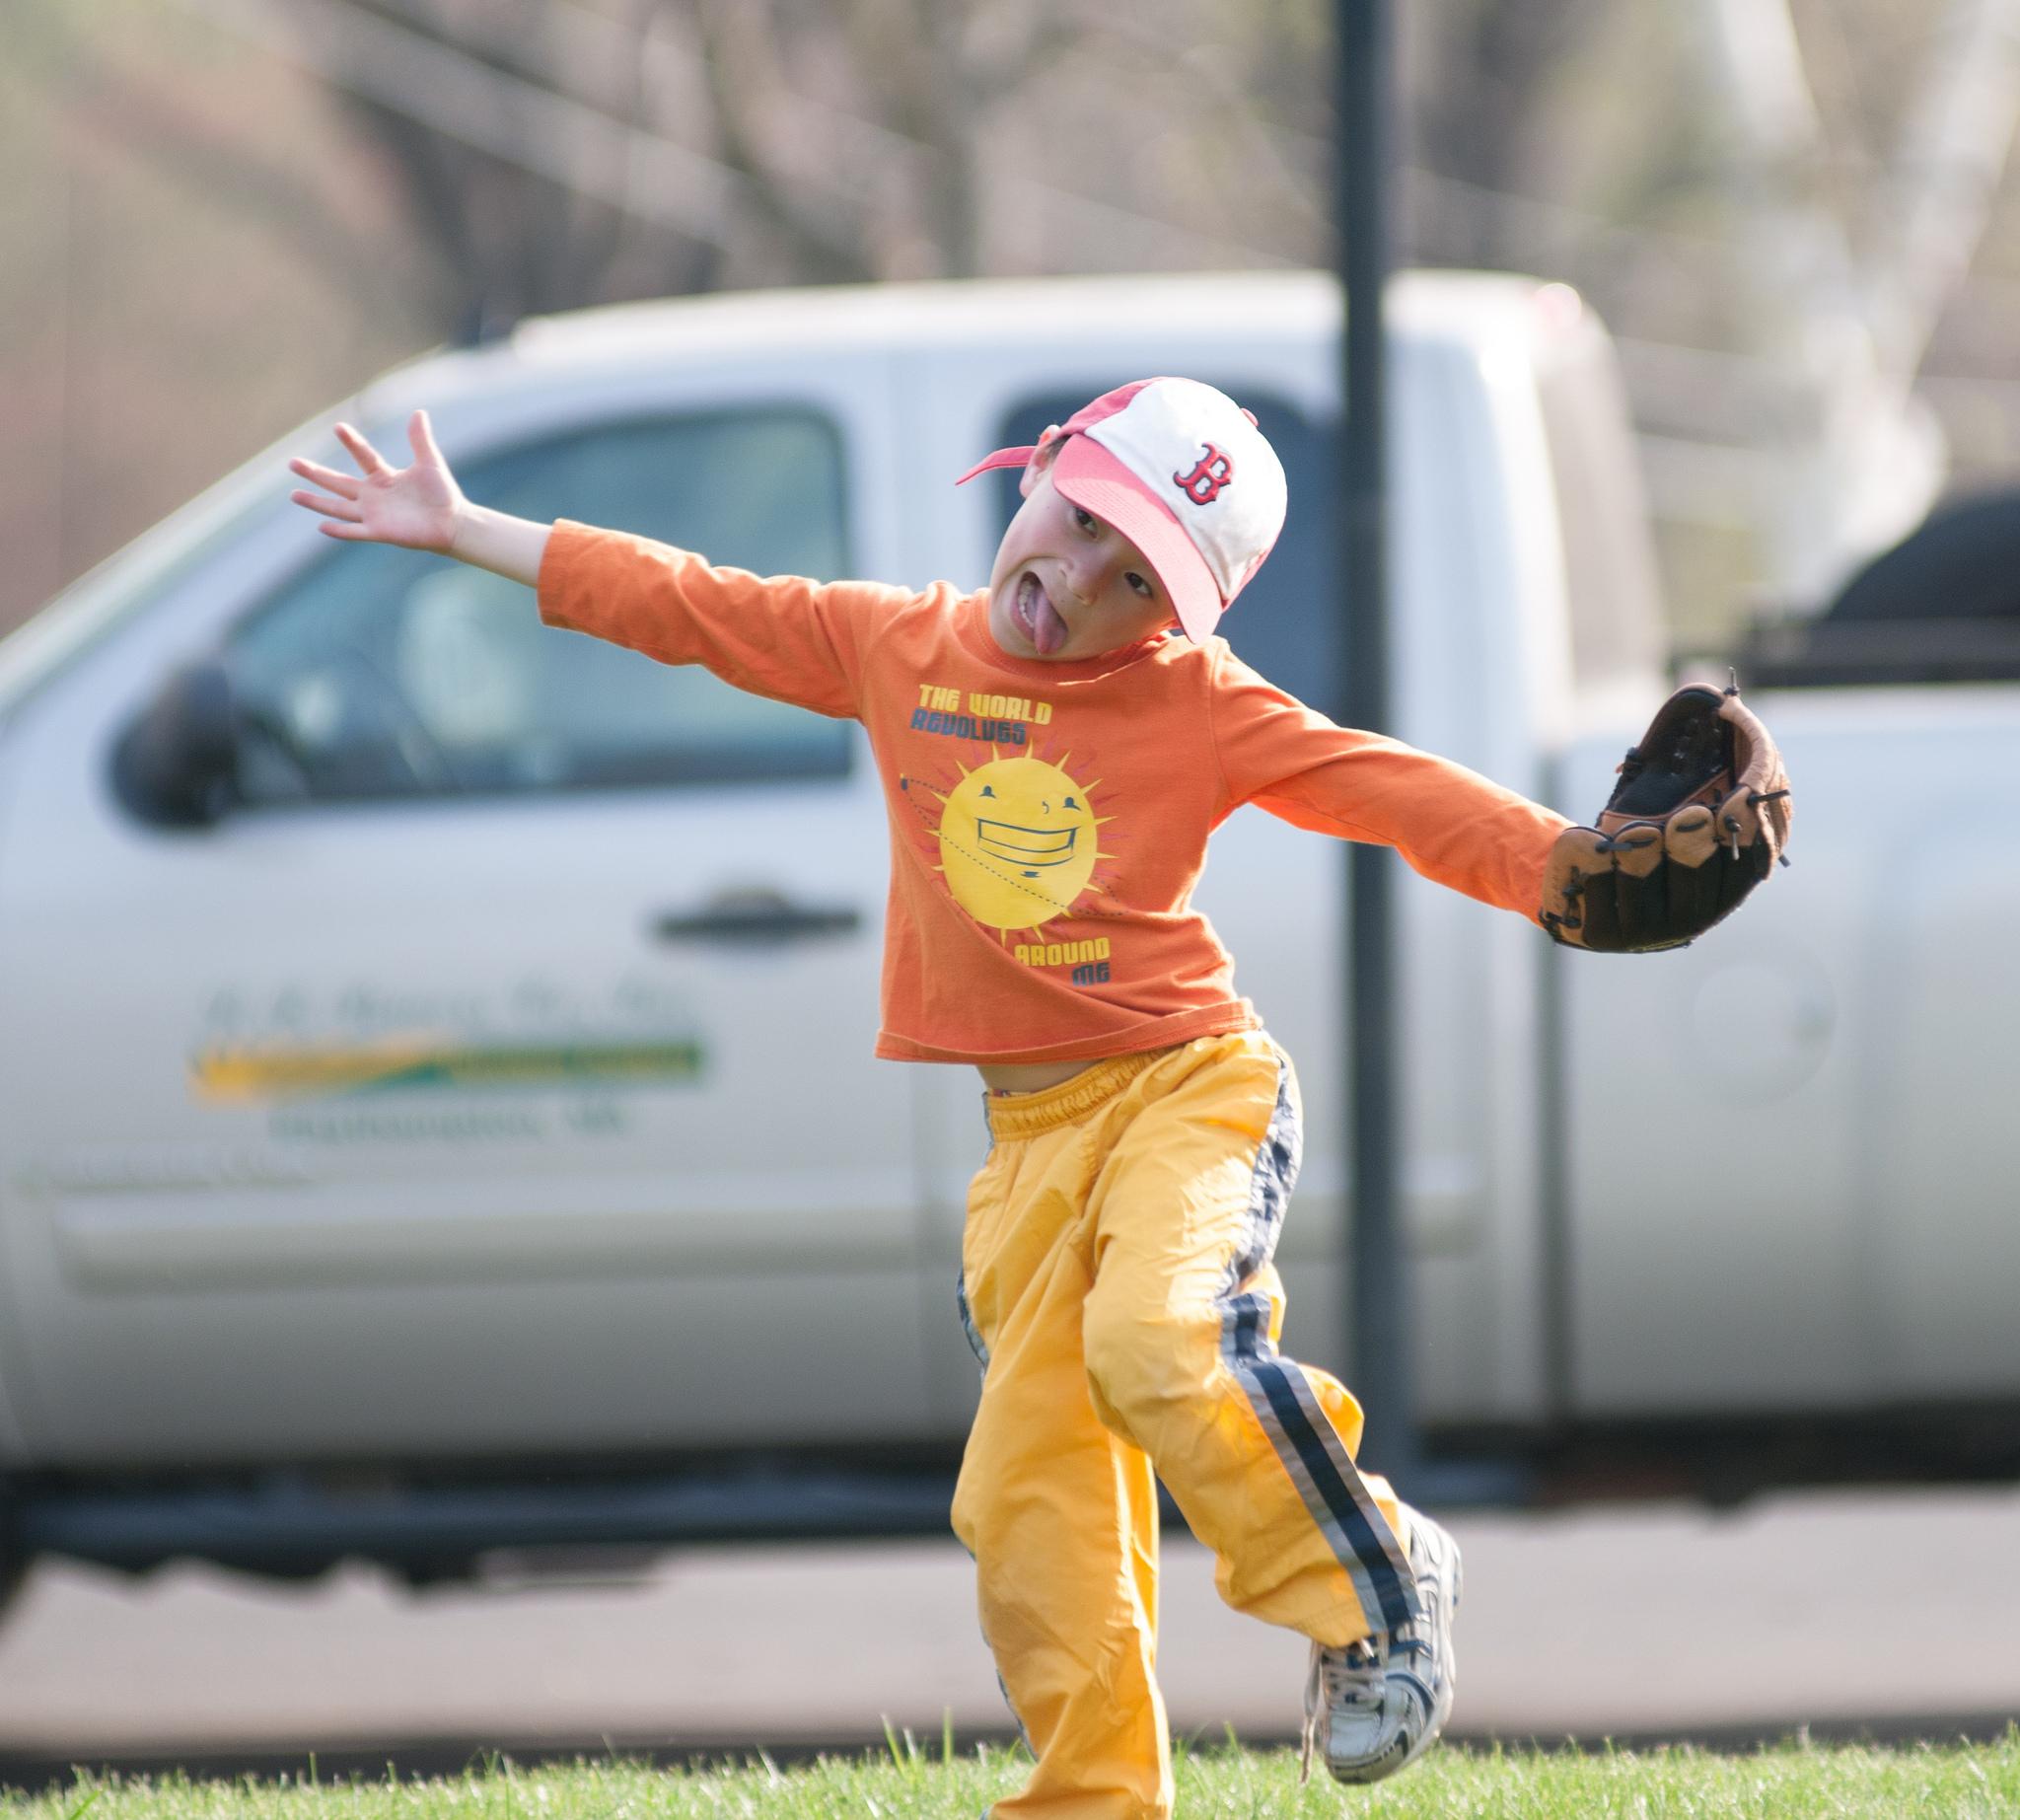 baseball dance